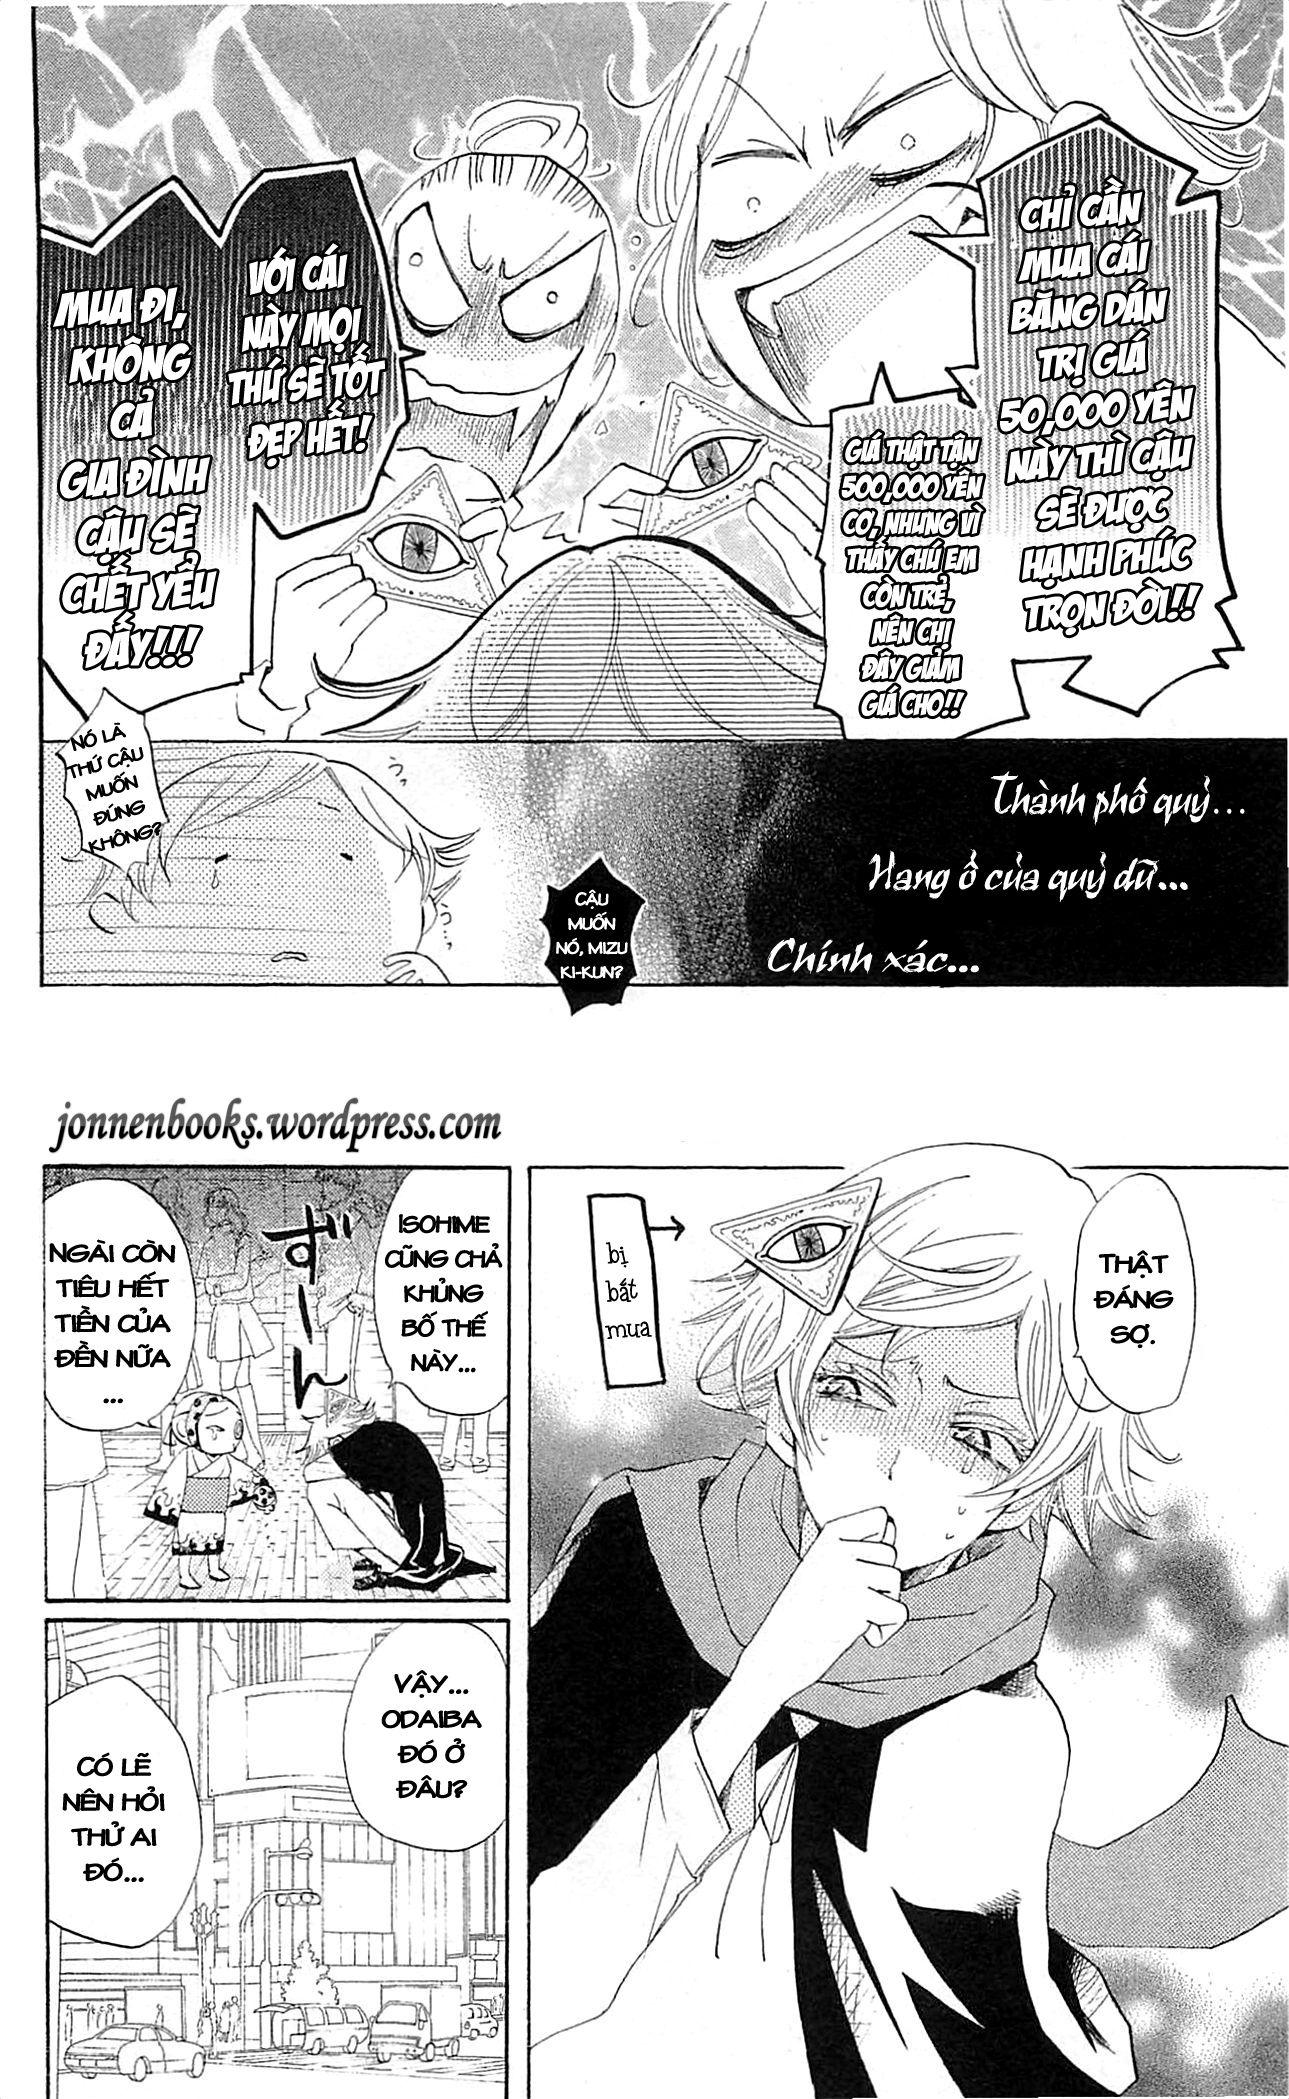 [TUYỆT VỜI] Kamisama Hajimemashita Chap 37 Anime